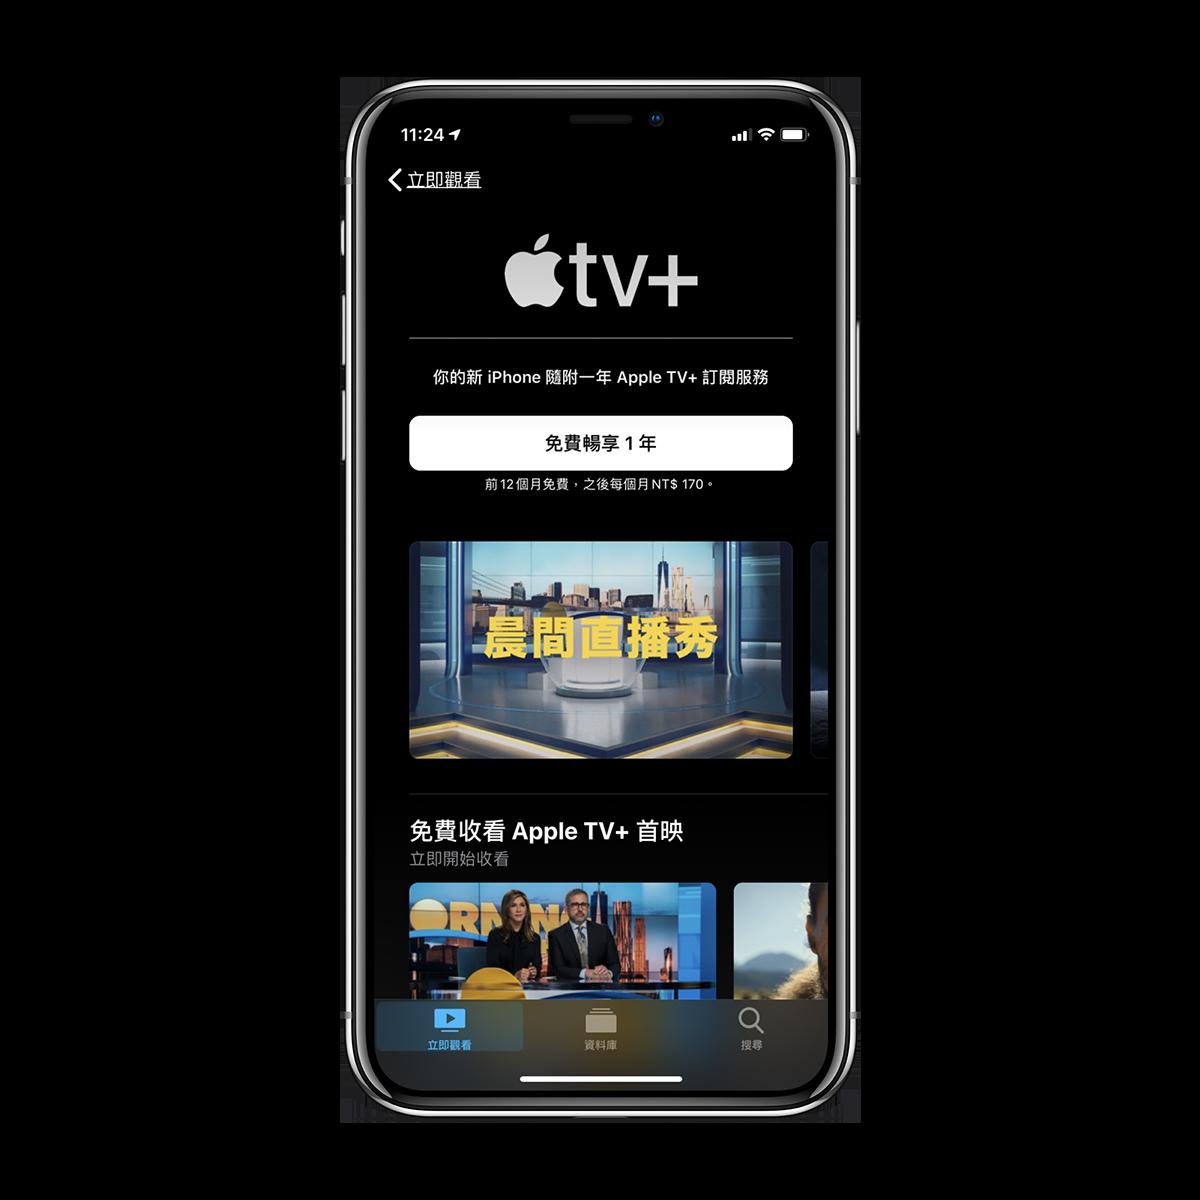 【教學】Apple TV+ 免費看一年申請方法 6